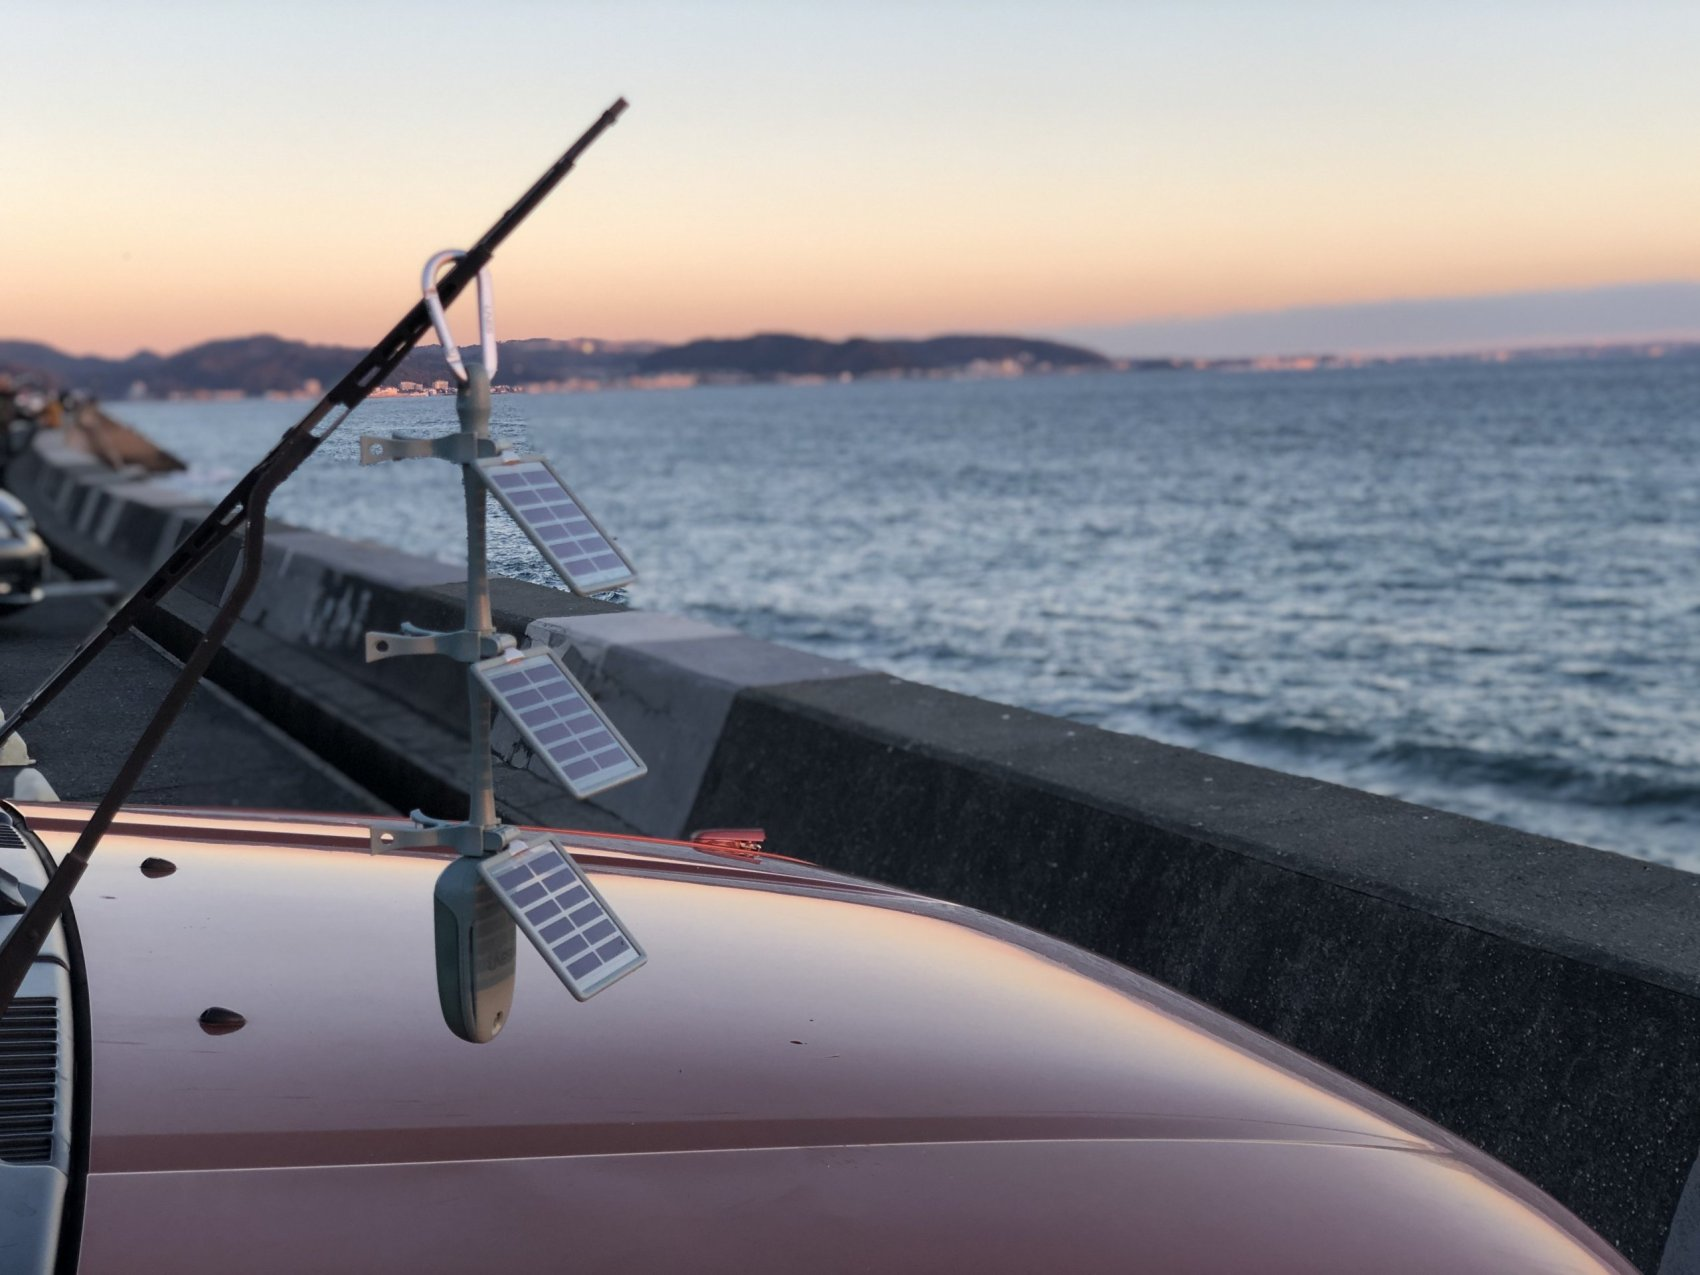 ソーラーカード式デザインデバイス「LNES SL-02」をサーフィンに取り入れてみた